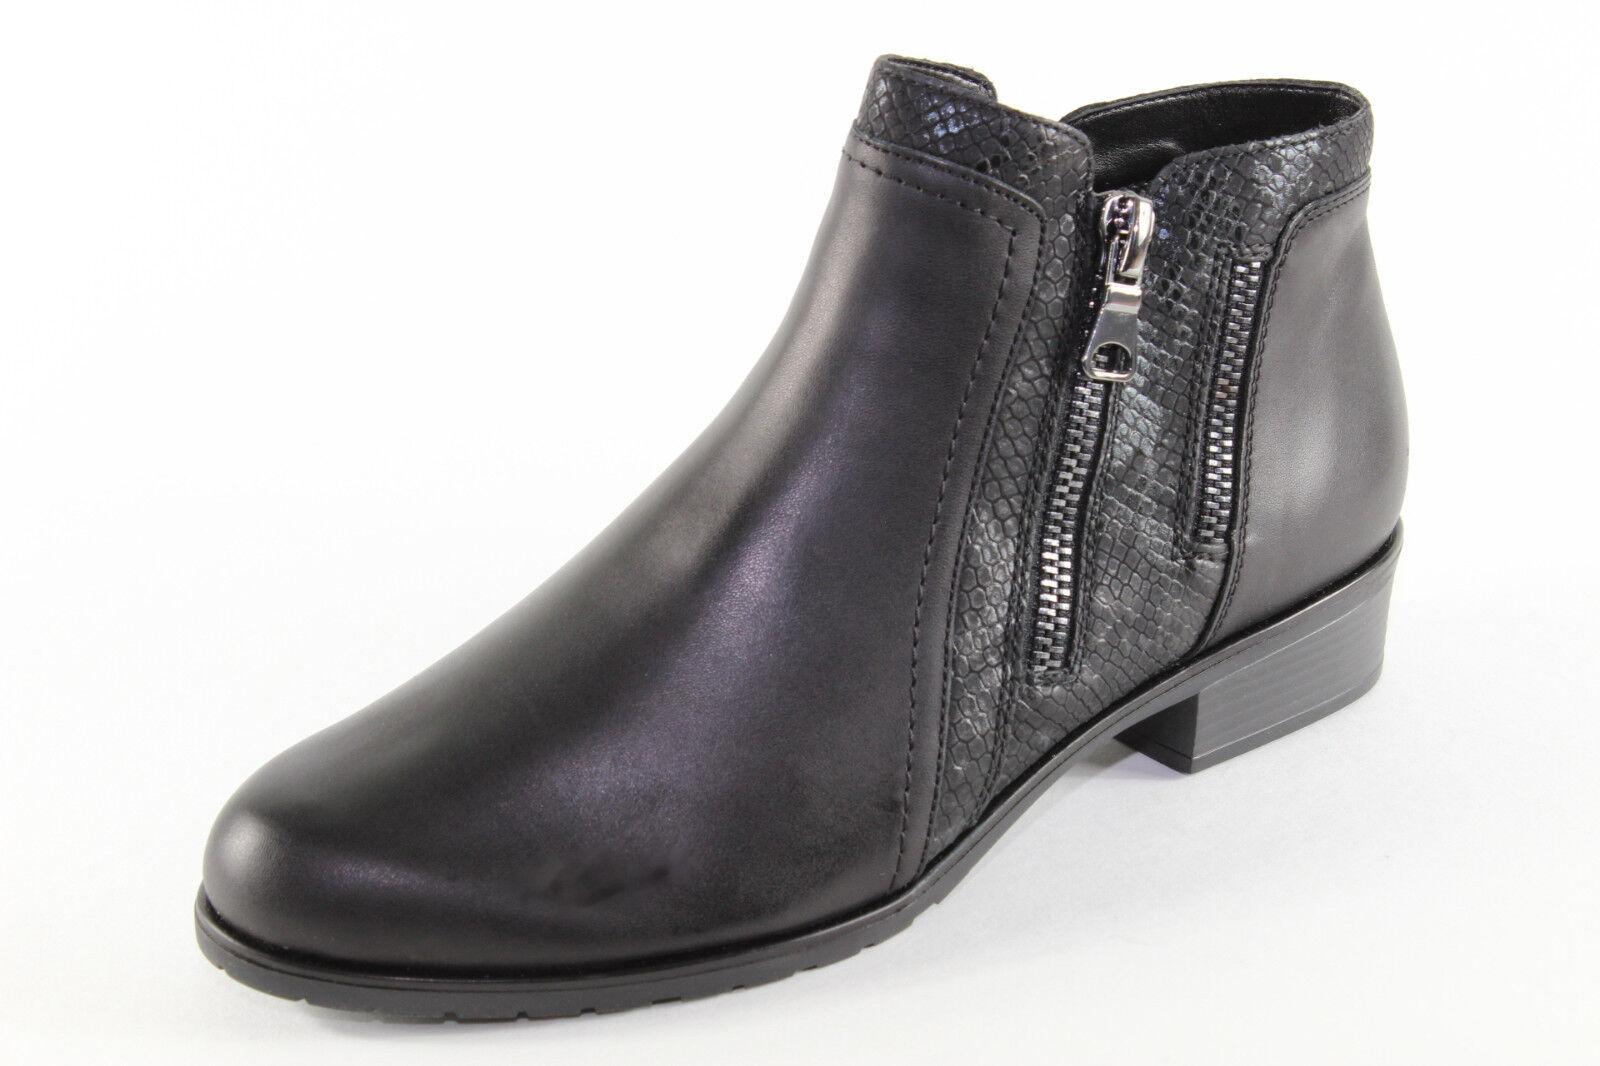 Remonte D6870-01, schwarze Stiefelette mit Warmfutter, Damenschuhe Übergröße